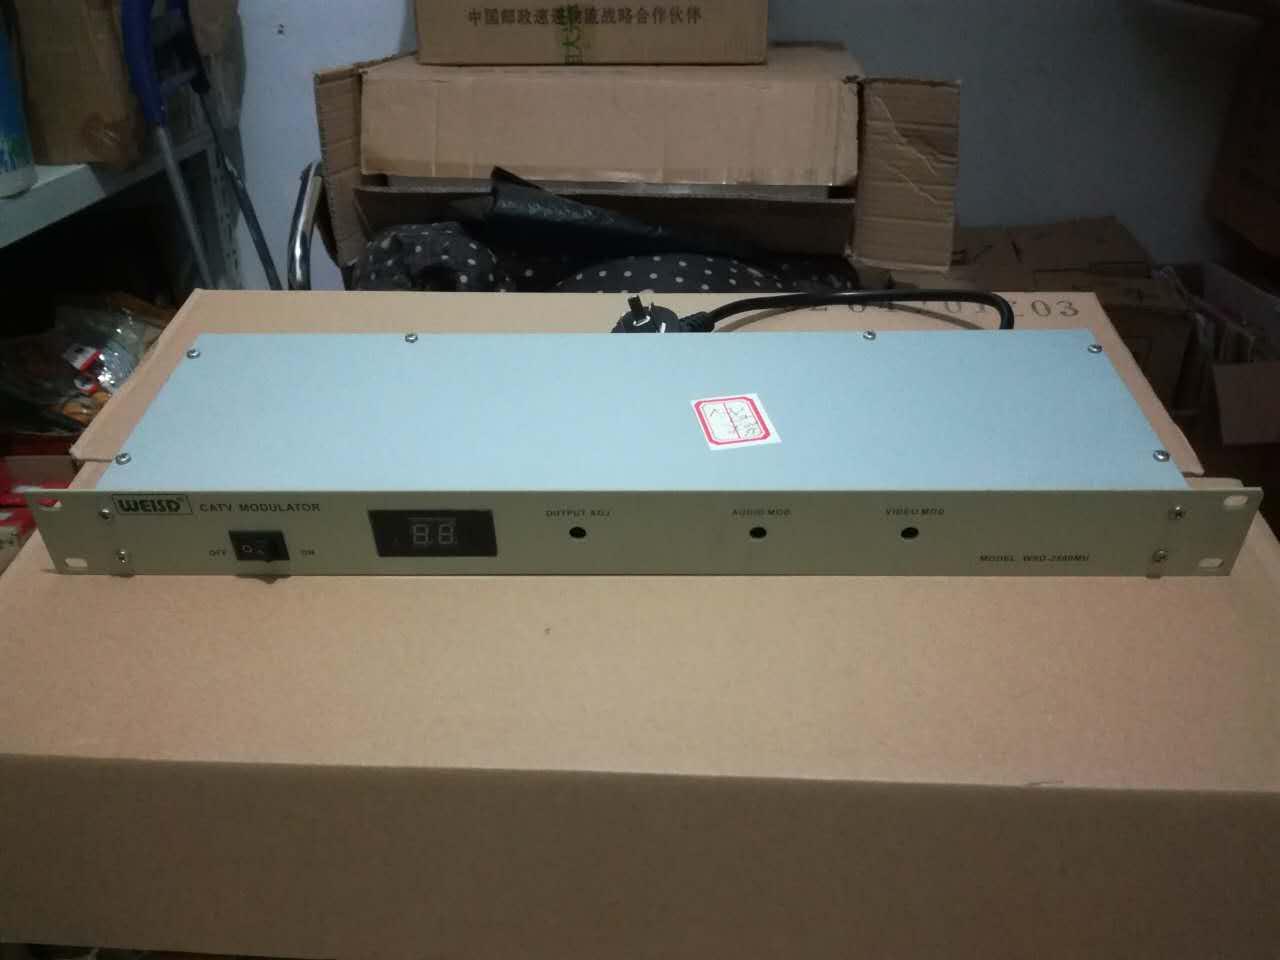 有线电视专业级调制器 伟视达调制器 专业数字电视改造邻频调制器